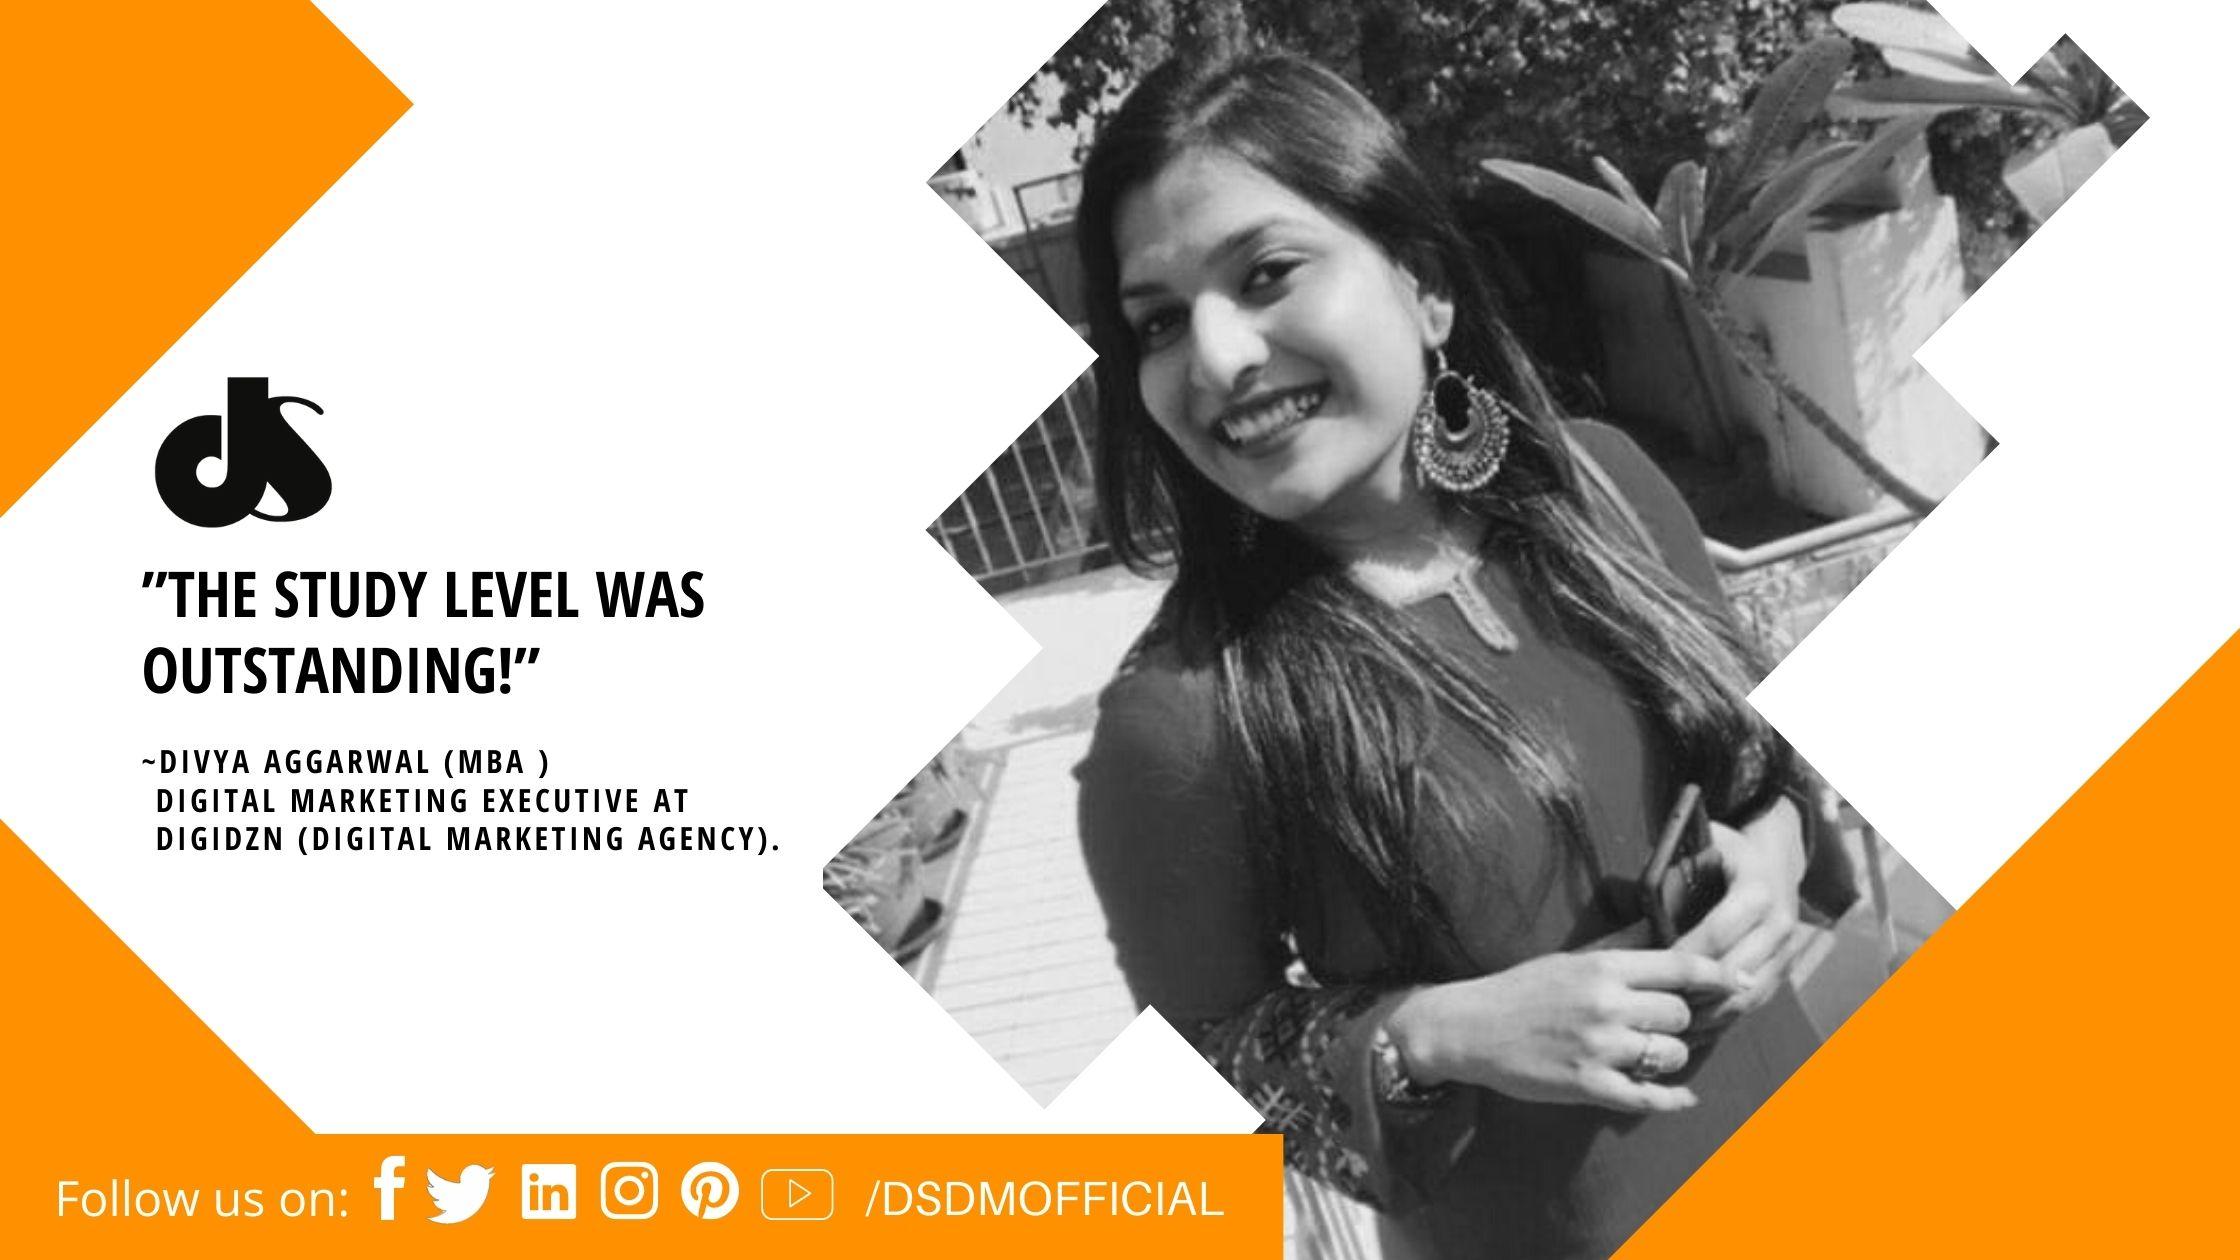 divya aggarwal review